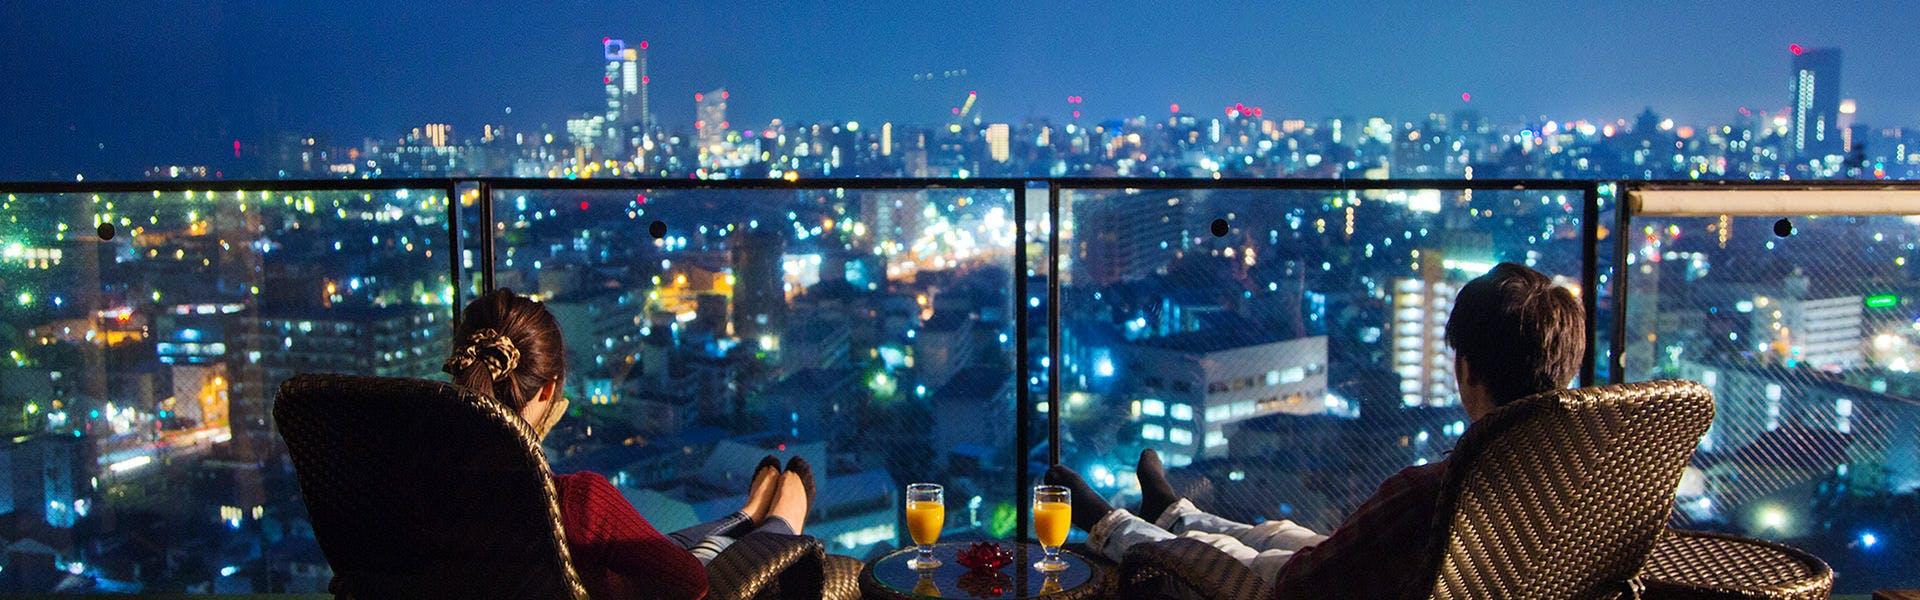 記念日におすすめのホテル・夕凪の湯HOTEL花樹海の写真1